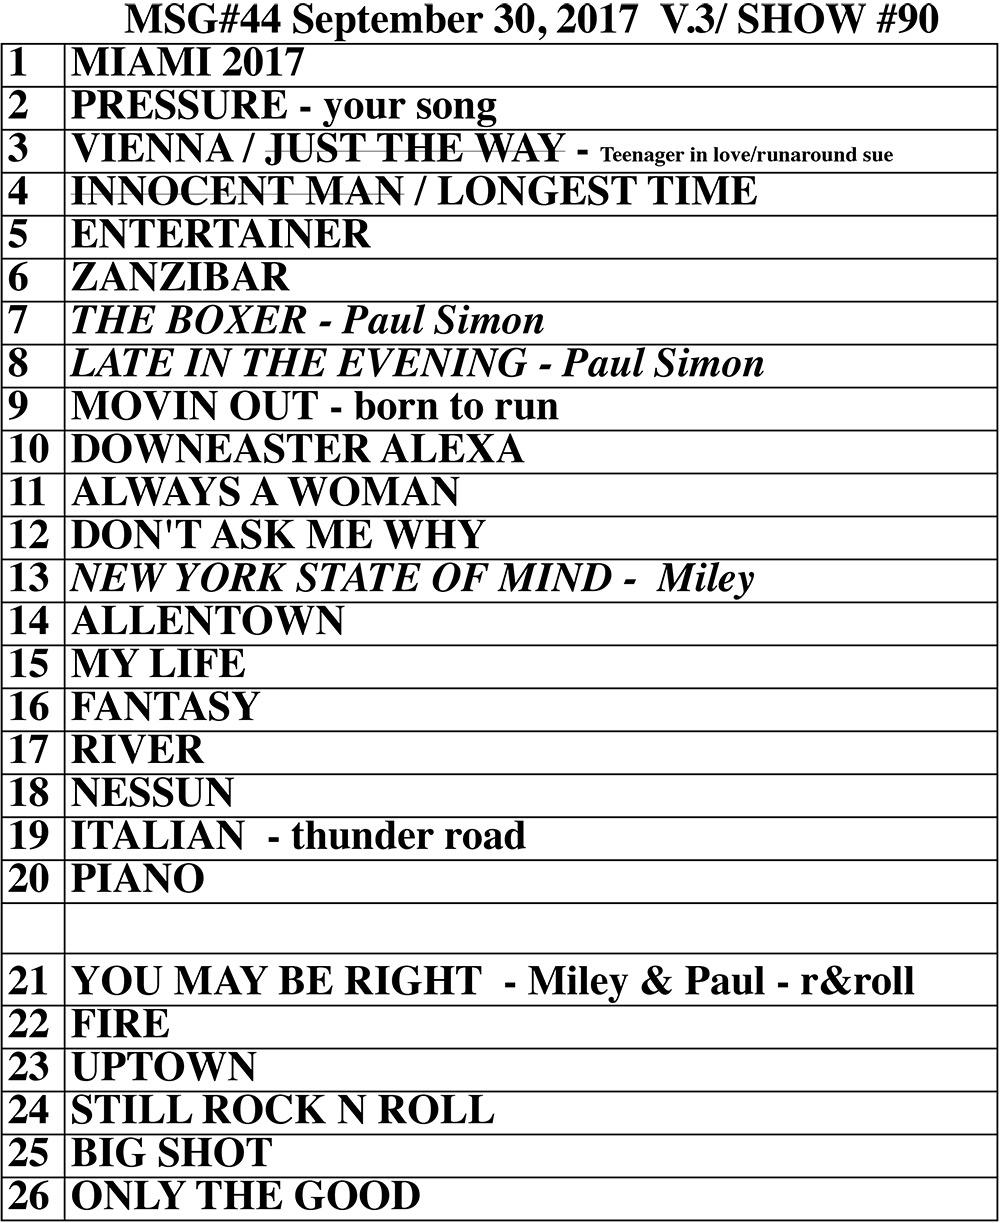 Set list from Billy Joel concert Madison Square Garden New York, NY, September 30, 2017